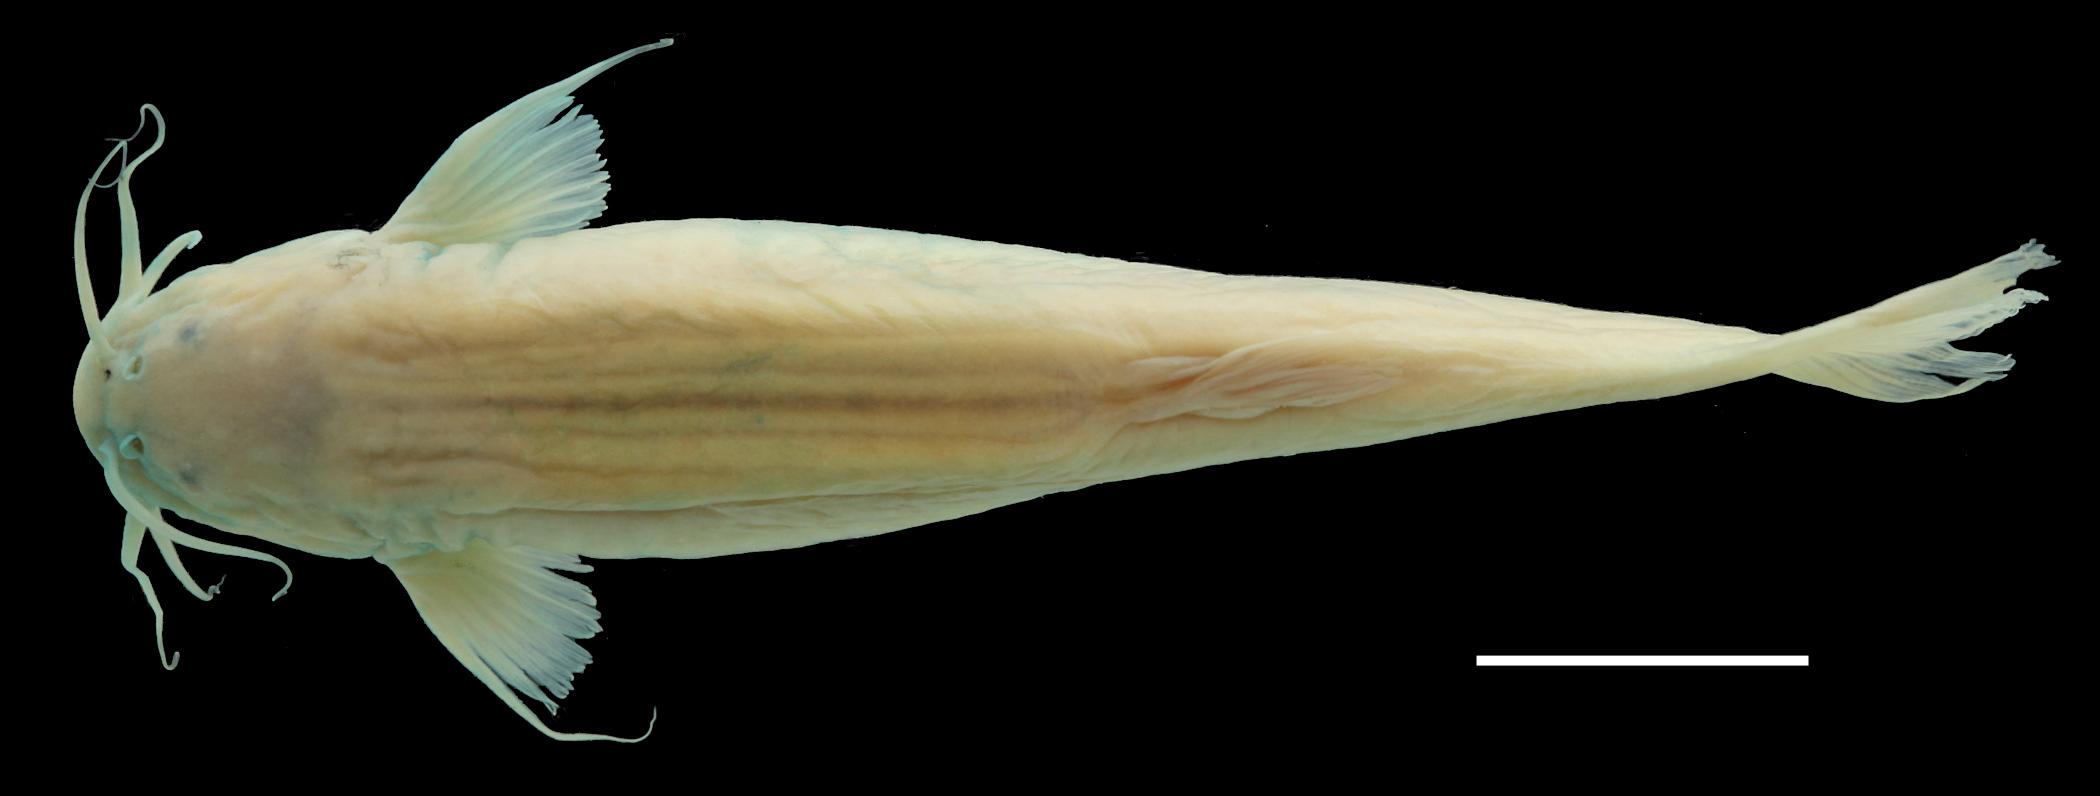 Paratípo de <em>Trichomycterus uisae</em>, IAvH-P-10806_Dorsal, 50.1 mm SL (scale bar = 1 cm). Photograph by C. DoNascimiento